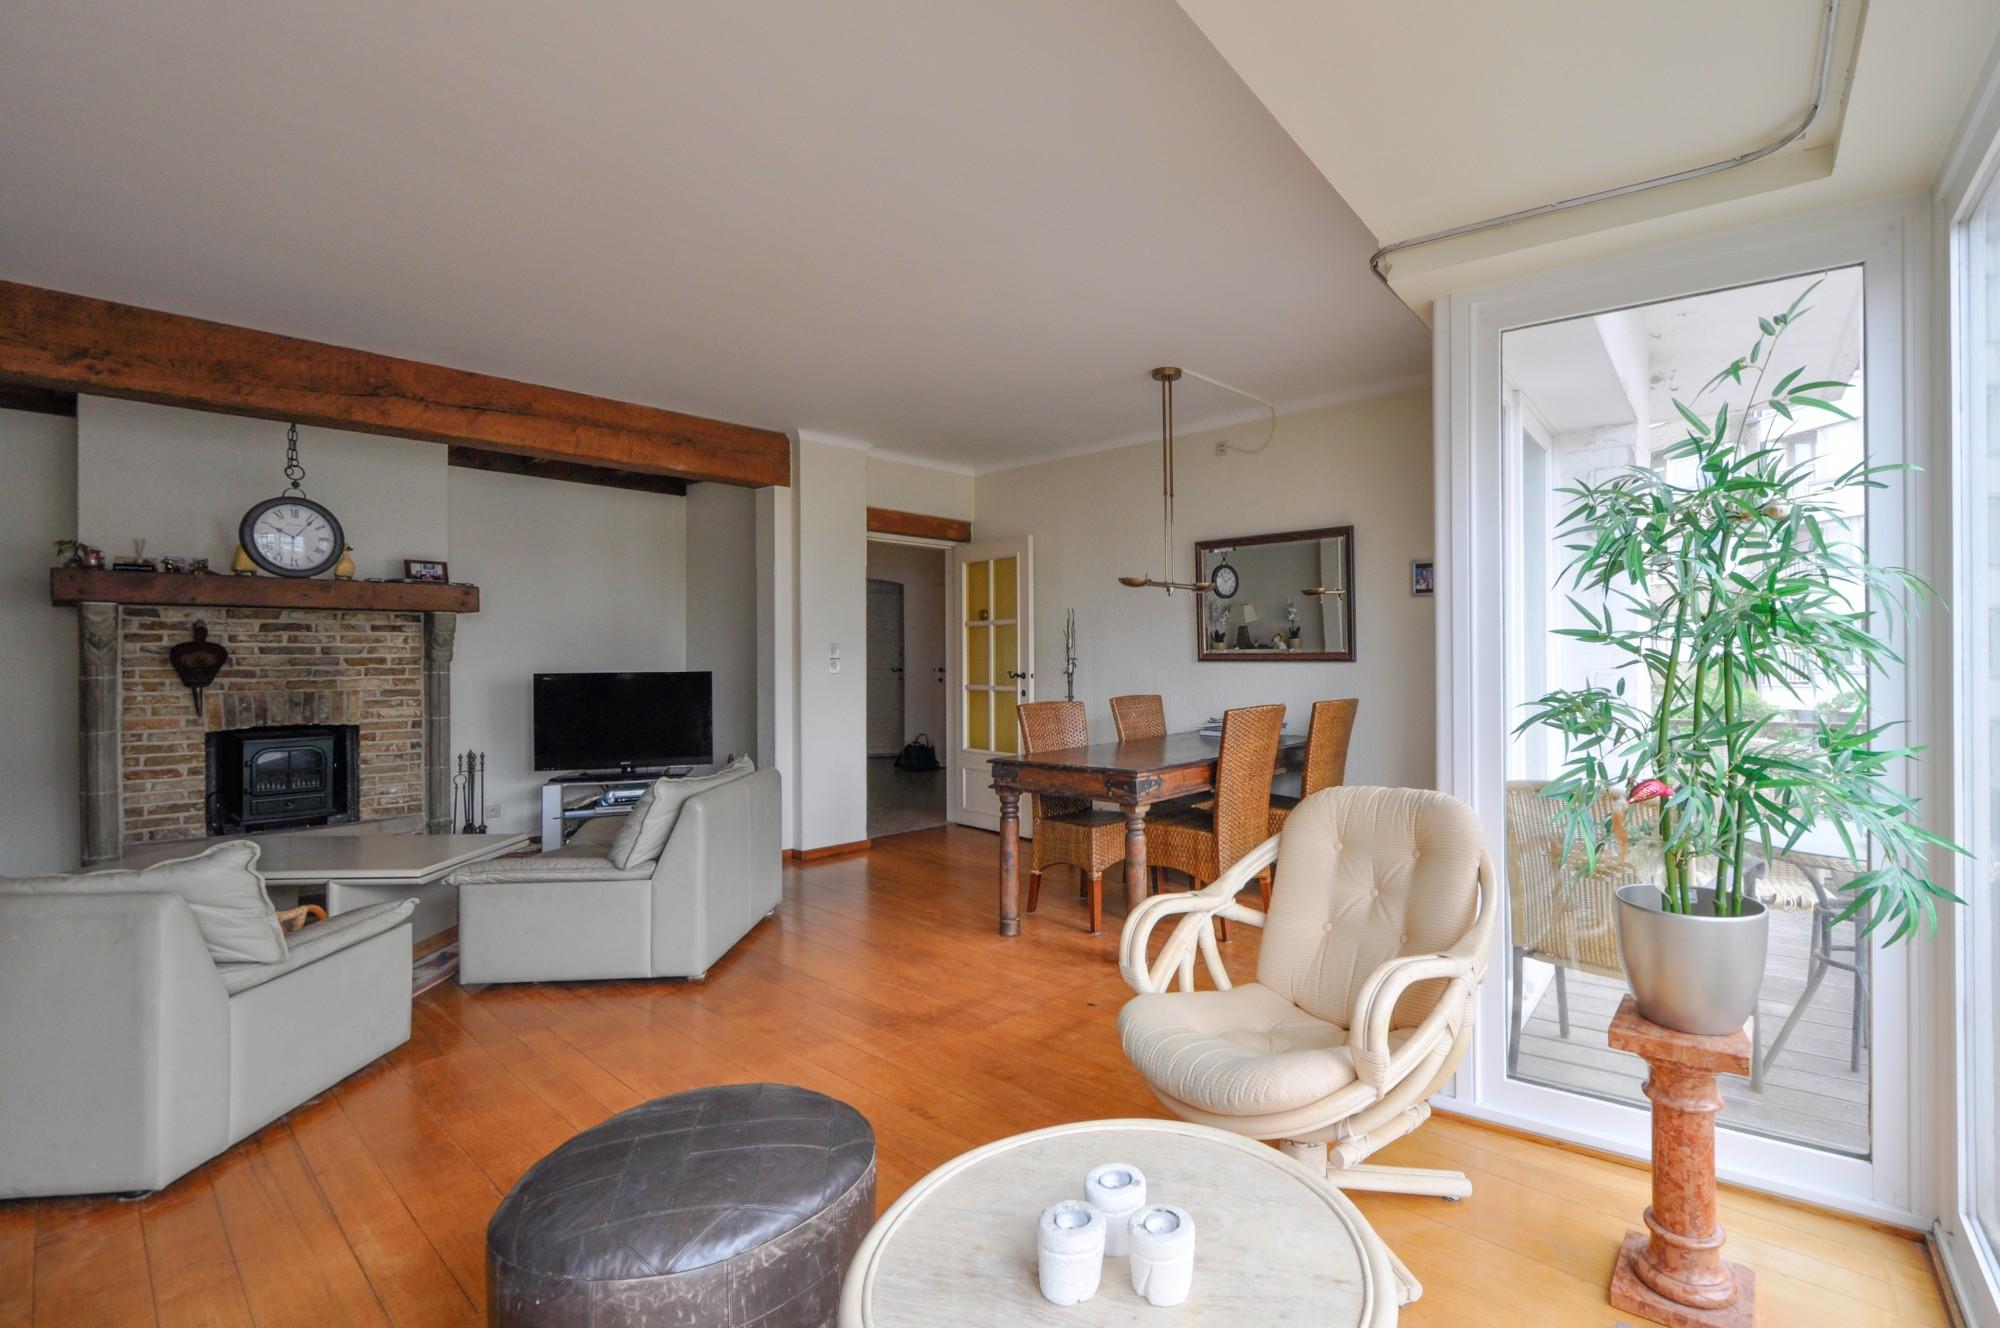 Vente Appartement 3 CH Knokke-Zoute - Kustlaan près de la Place Albert